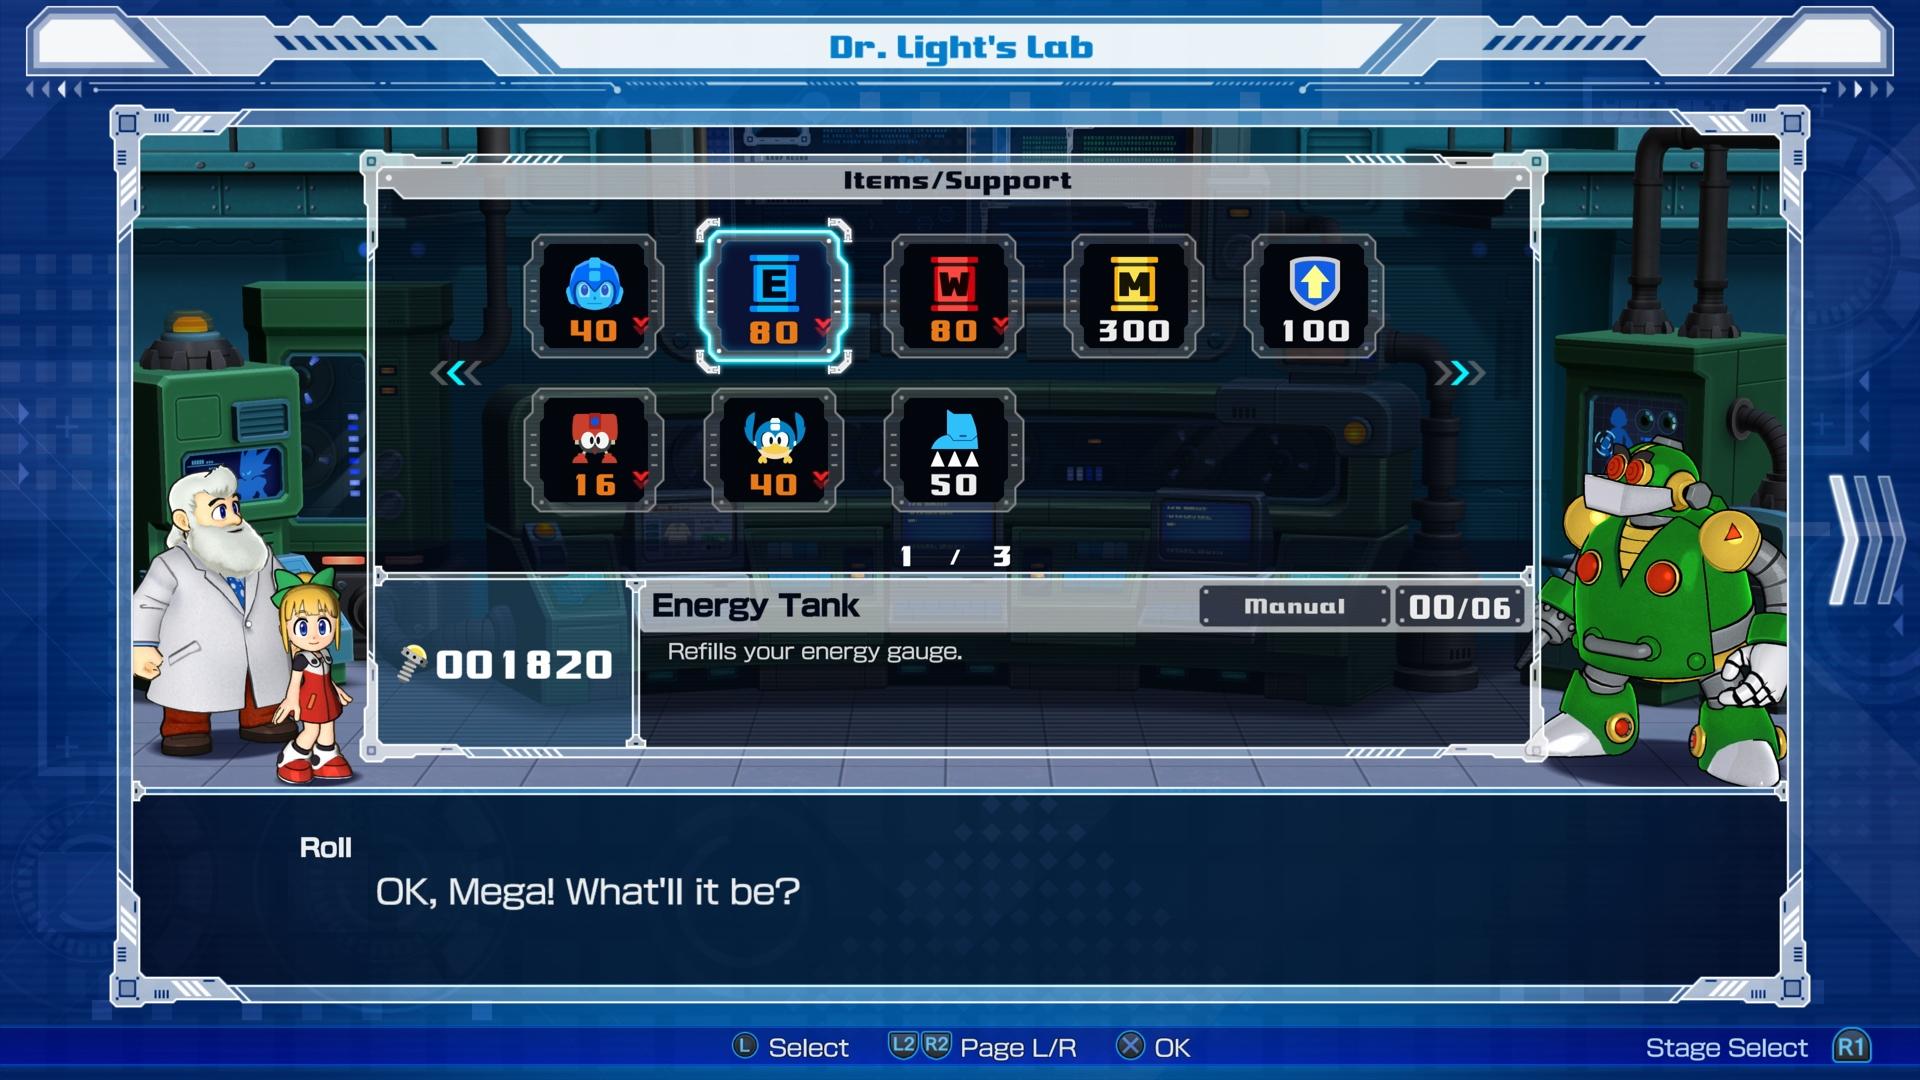 Mega man 11 pc